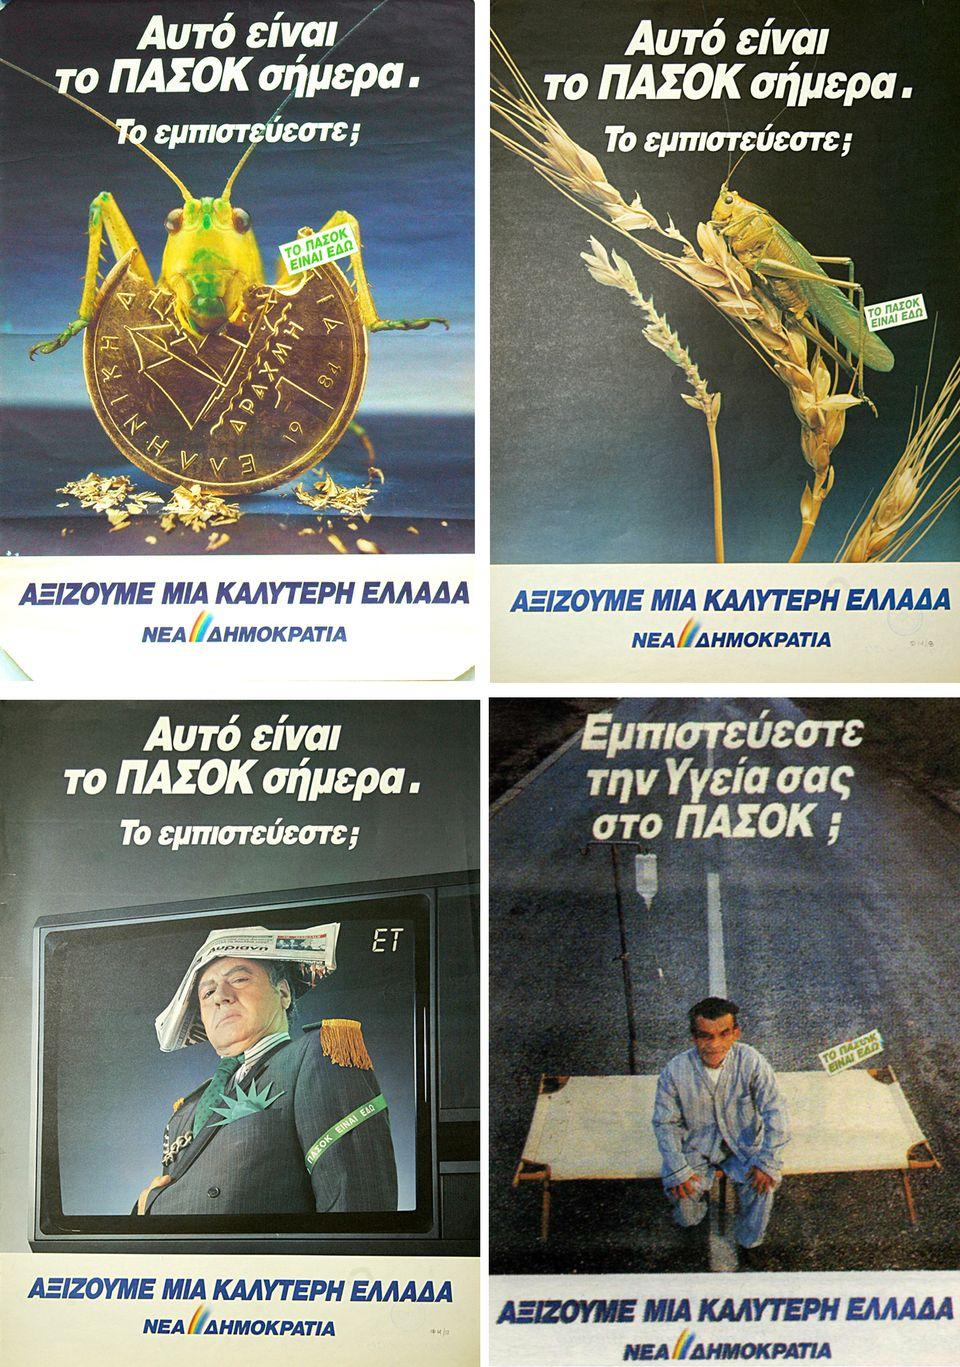 Δείγματα αφισών αρνητικής διαφήμισης της Νέας